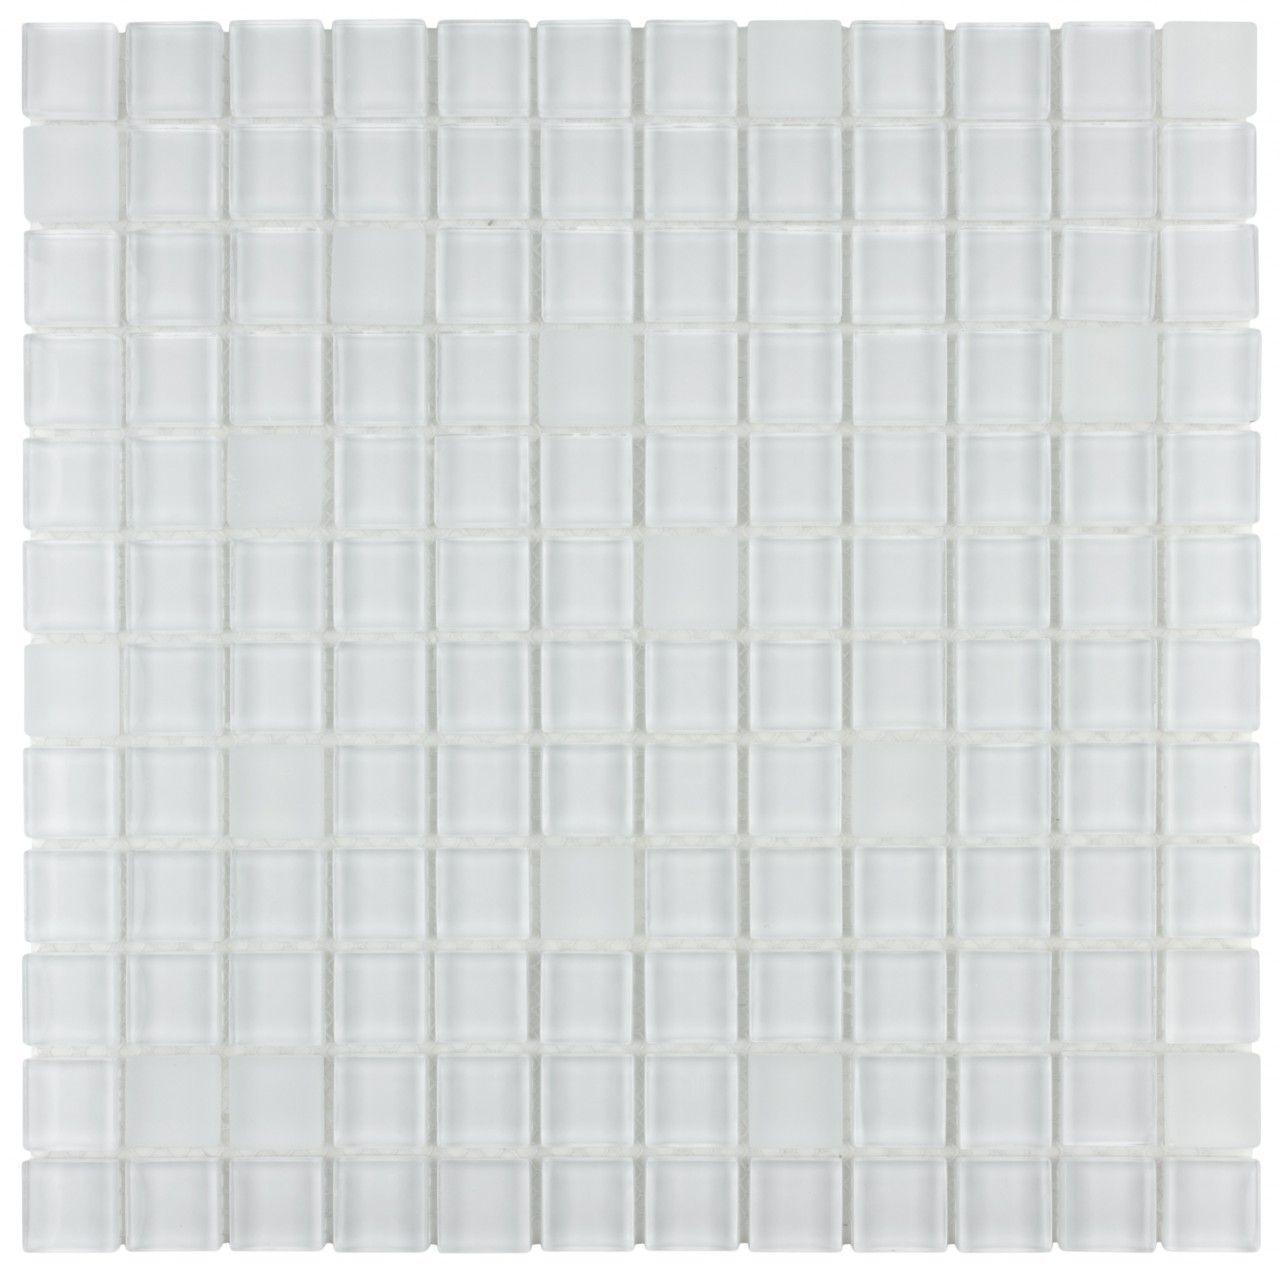 Mineral Tiles Gl Mosaic Tile White Blend 1x1 14 92 Http